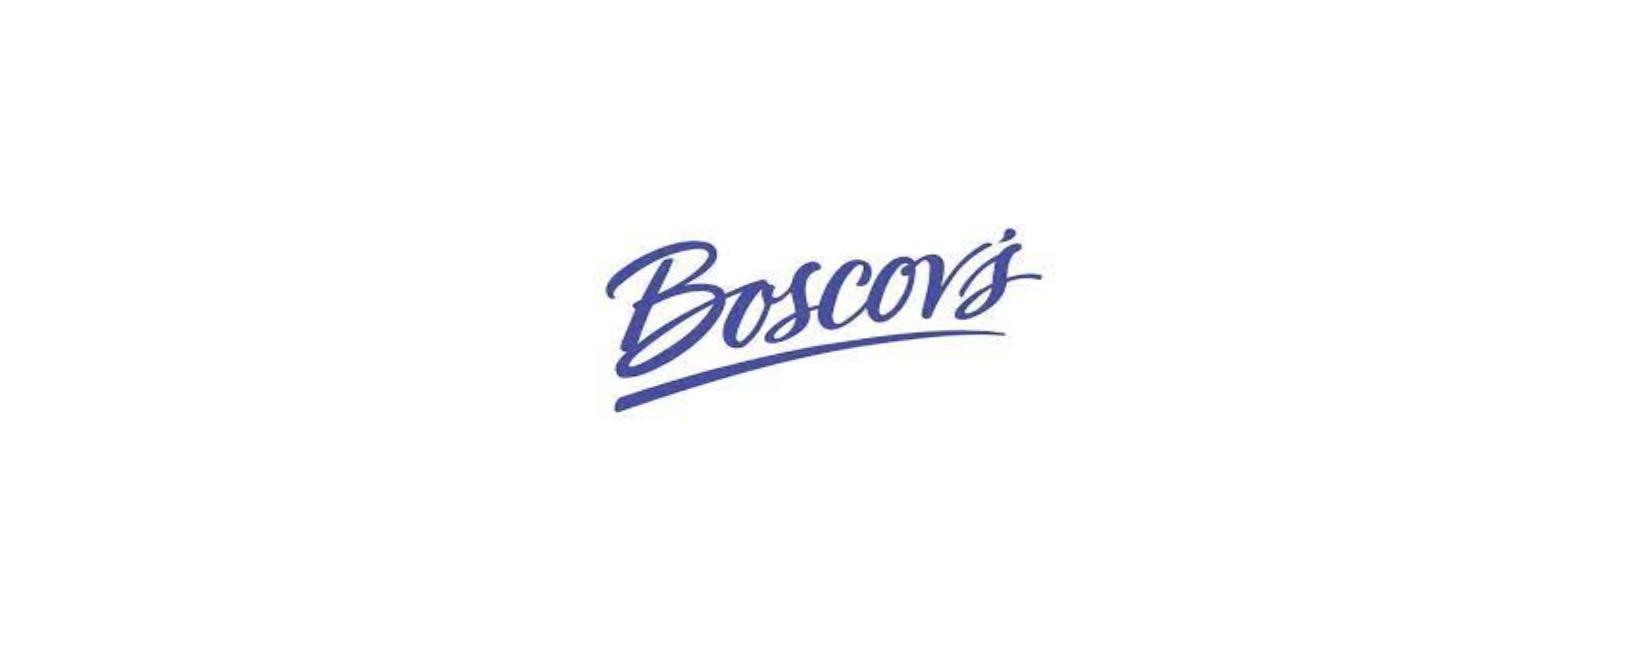 Boscov's Discount Code 2021